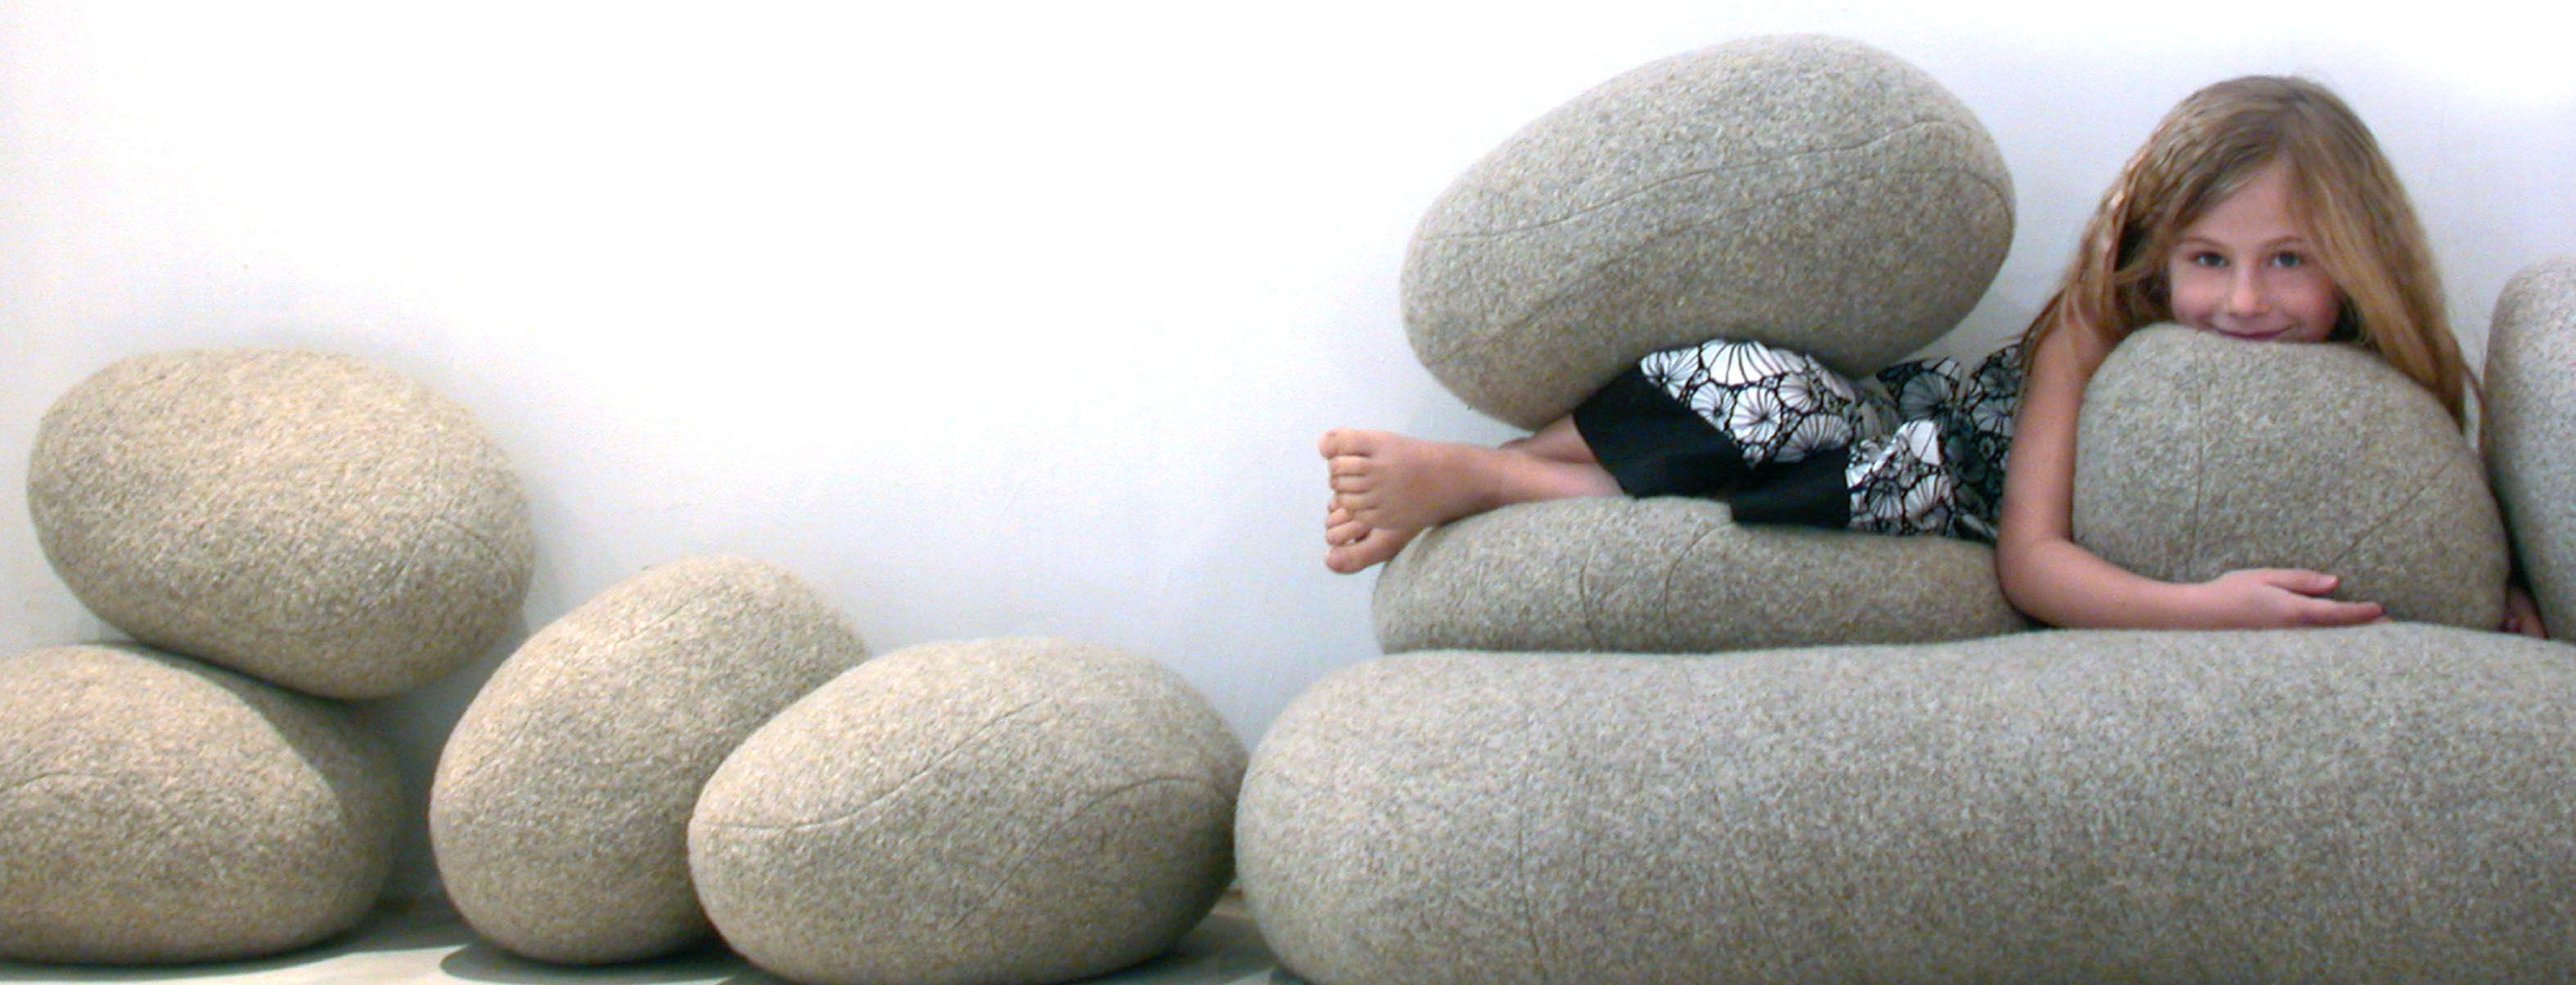 Как камень сделать мягким